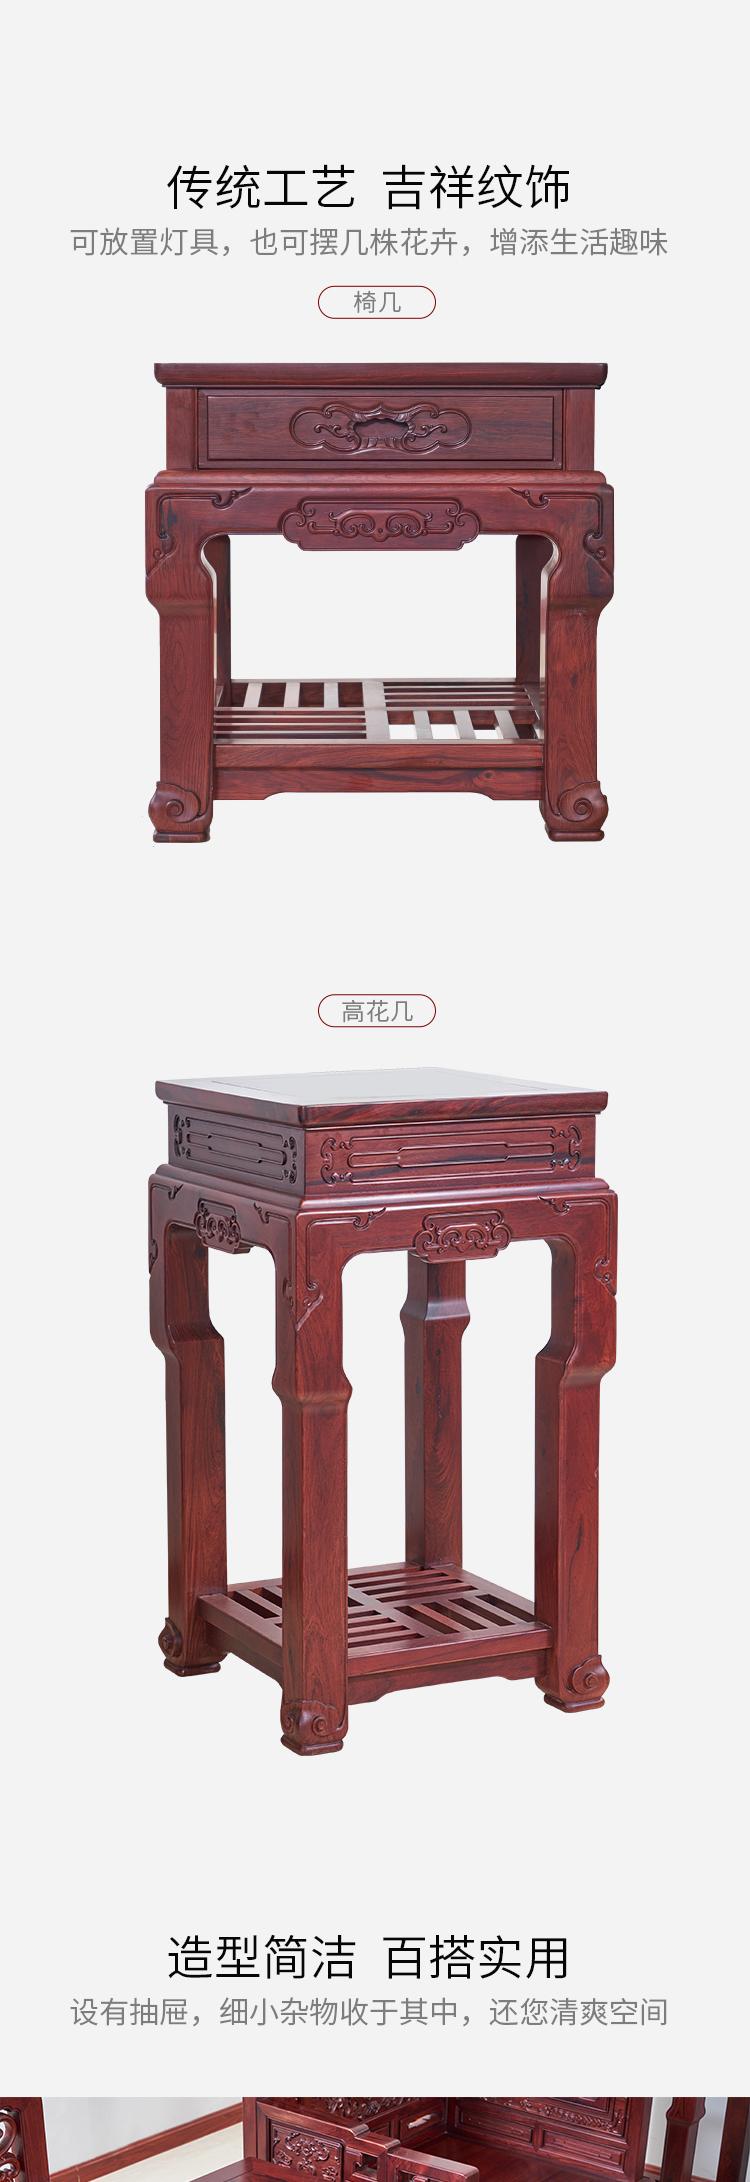 红木家具修改-2_02